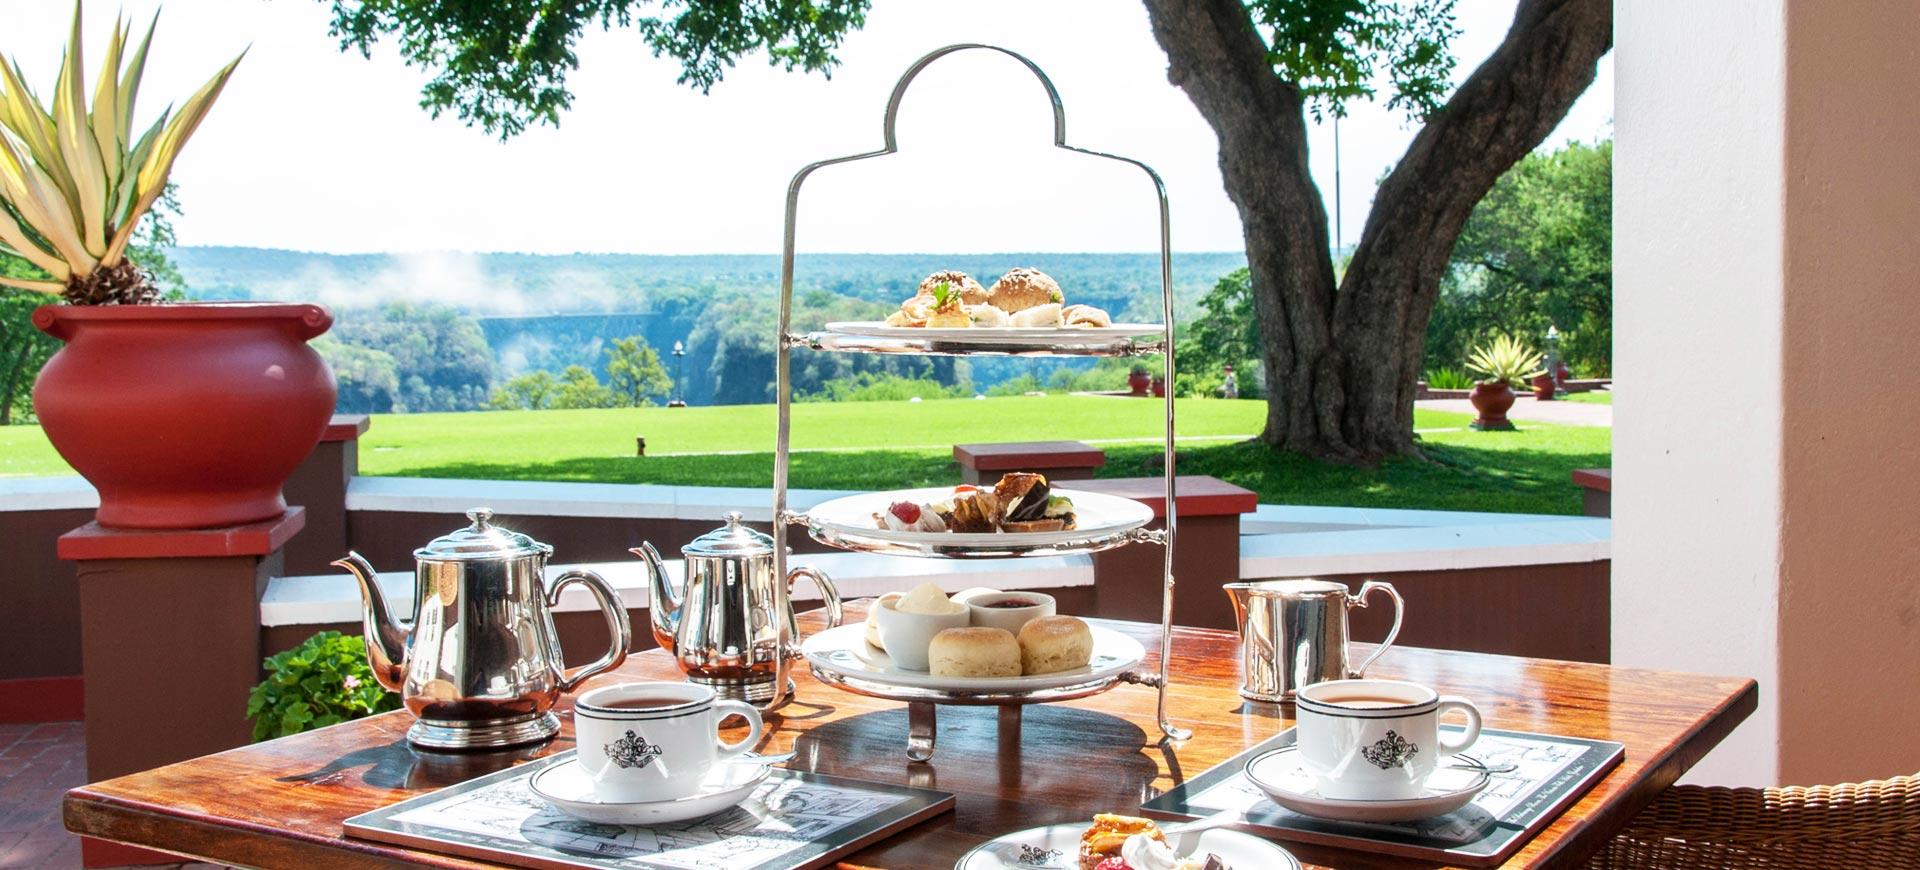 Victoria Falls Hotel Conference High Tea